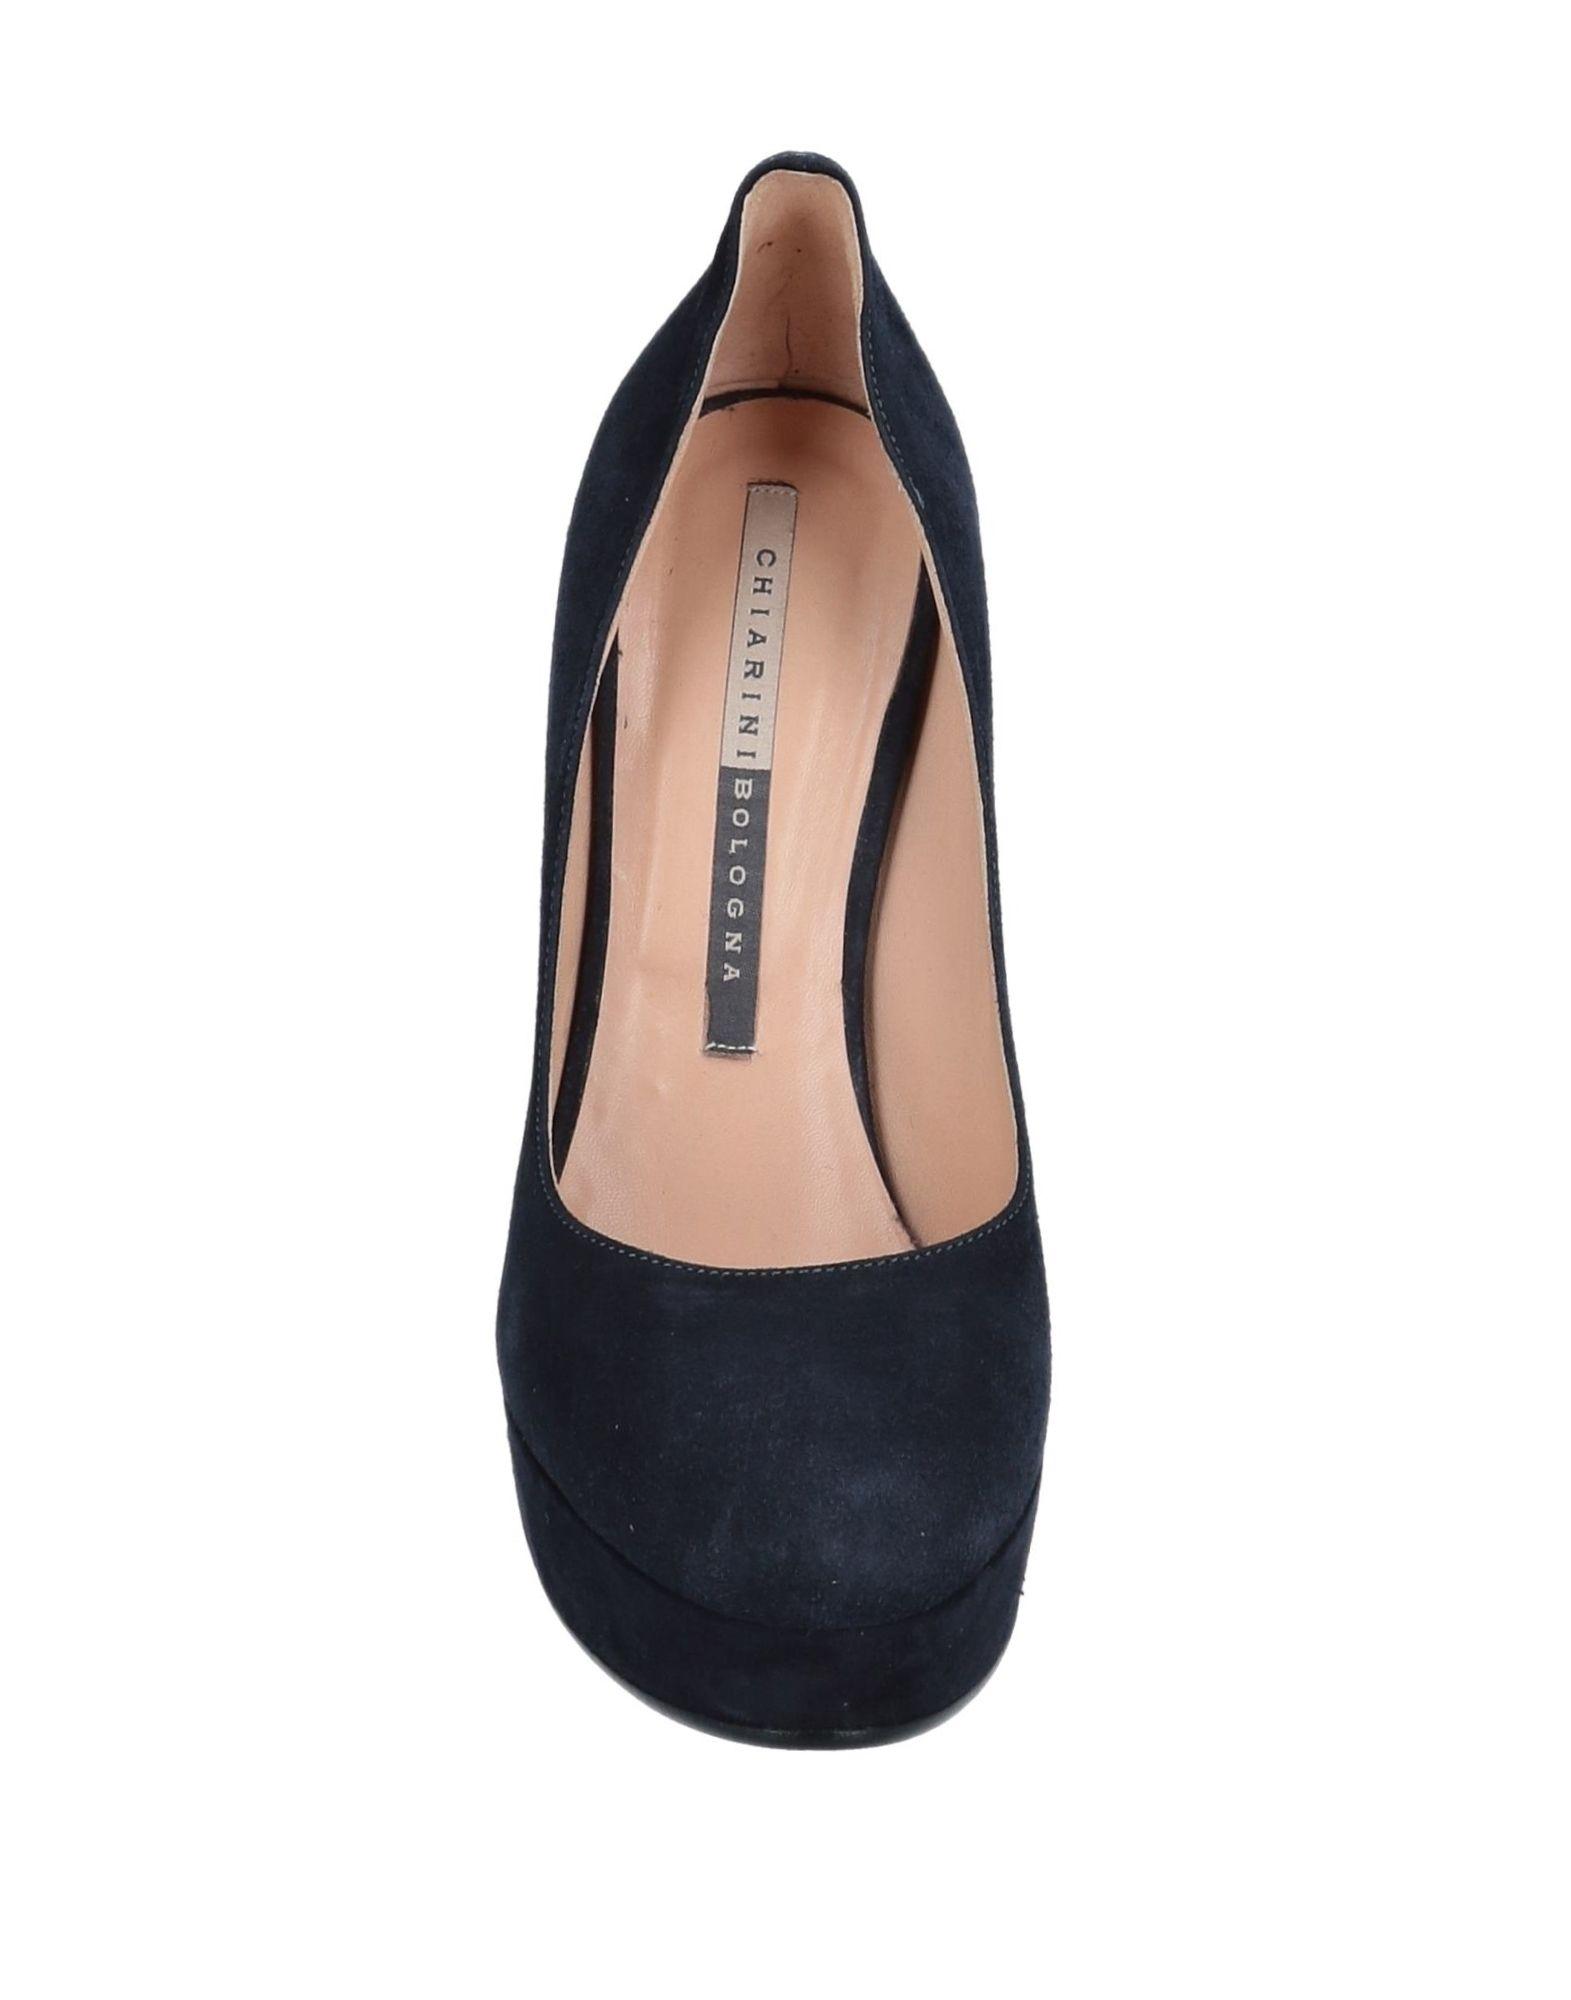 Gut Bologna um billige Schuhe zu tragenChiarini Bologna Gut Pumps Damen  11560868UG 117f77